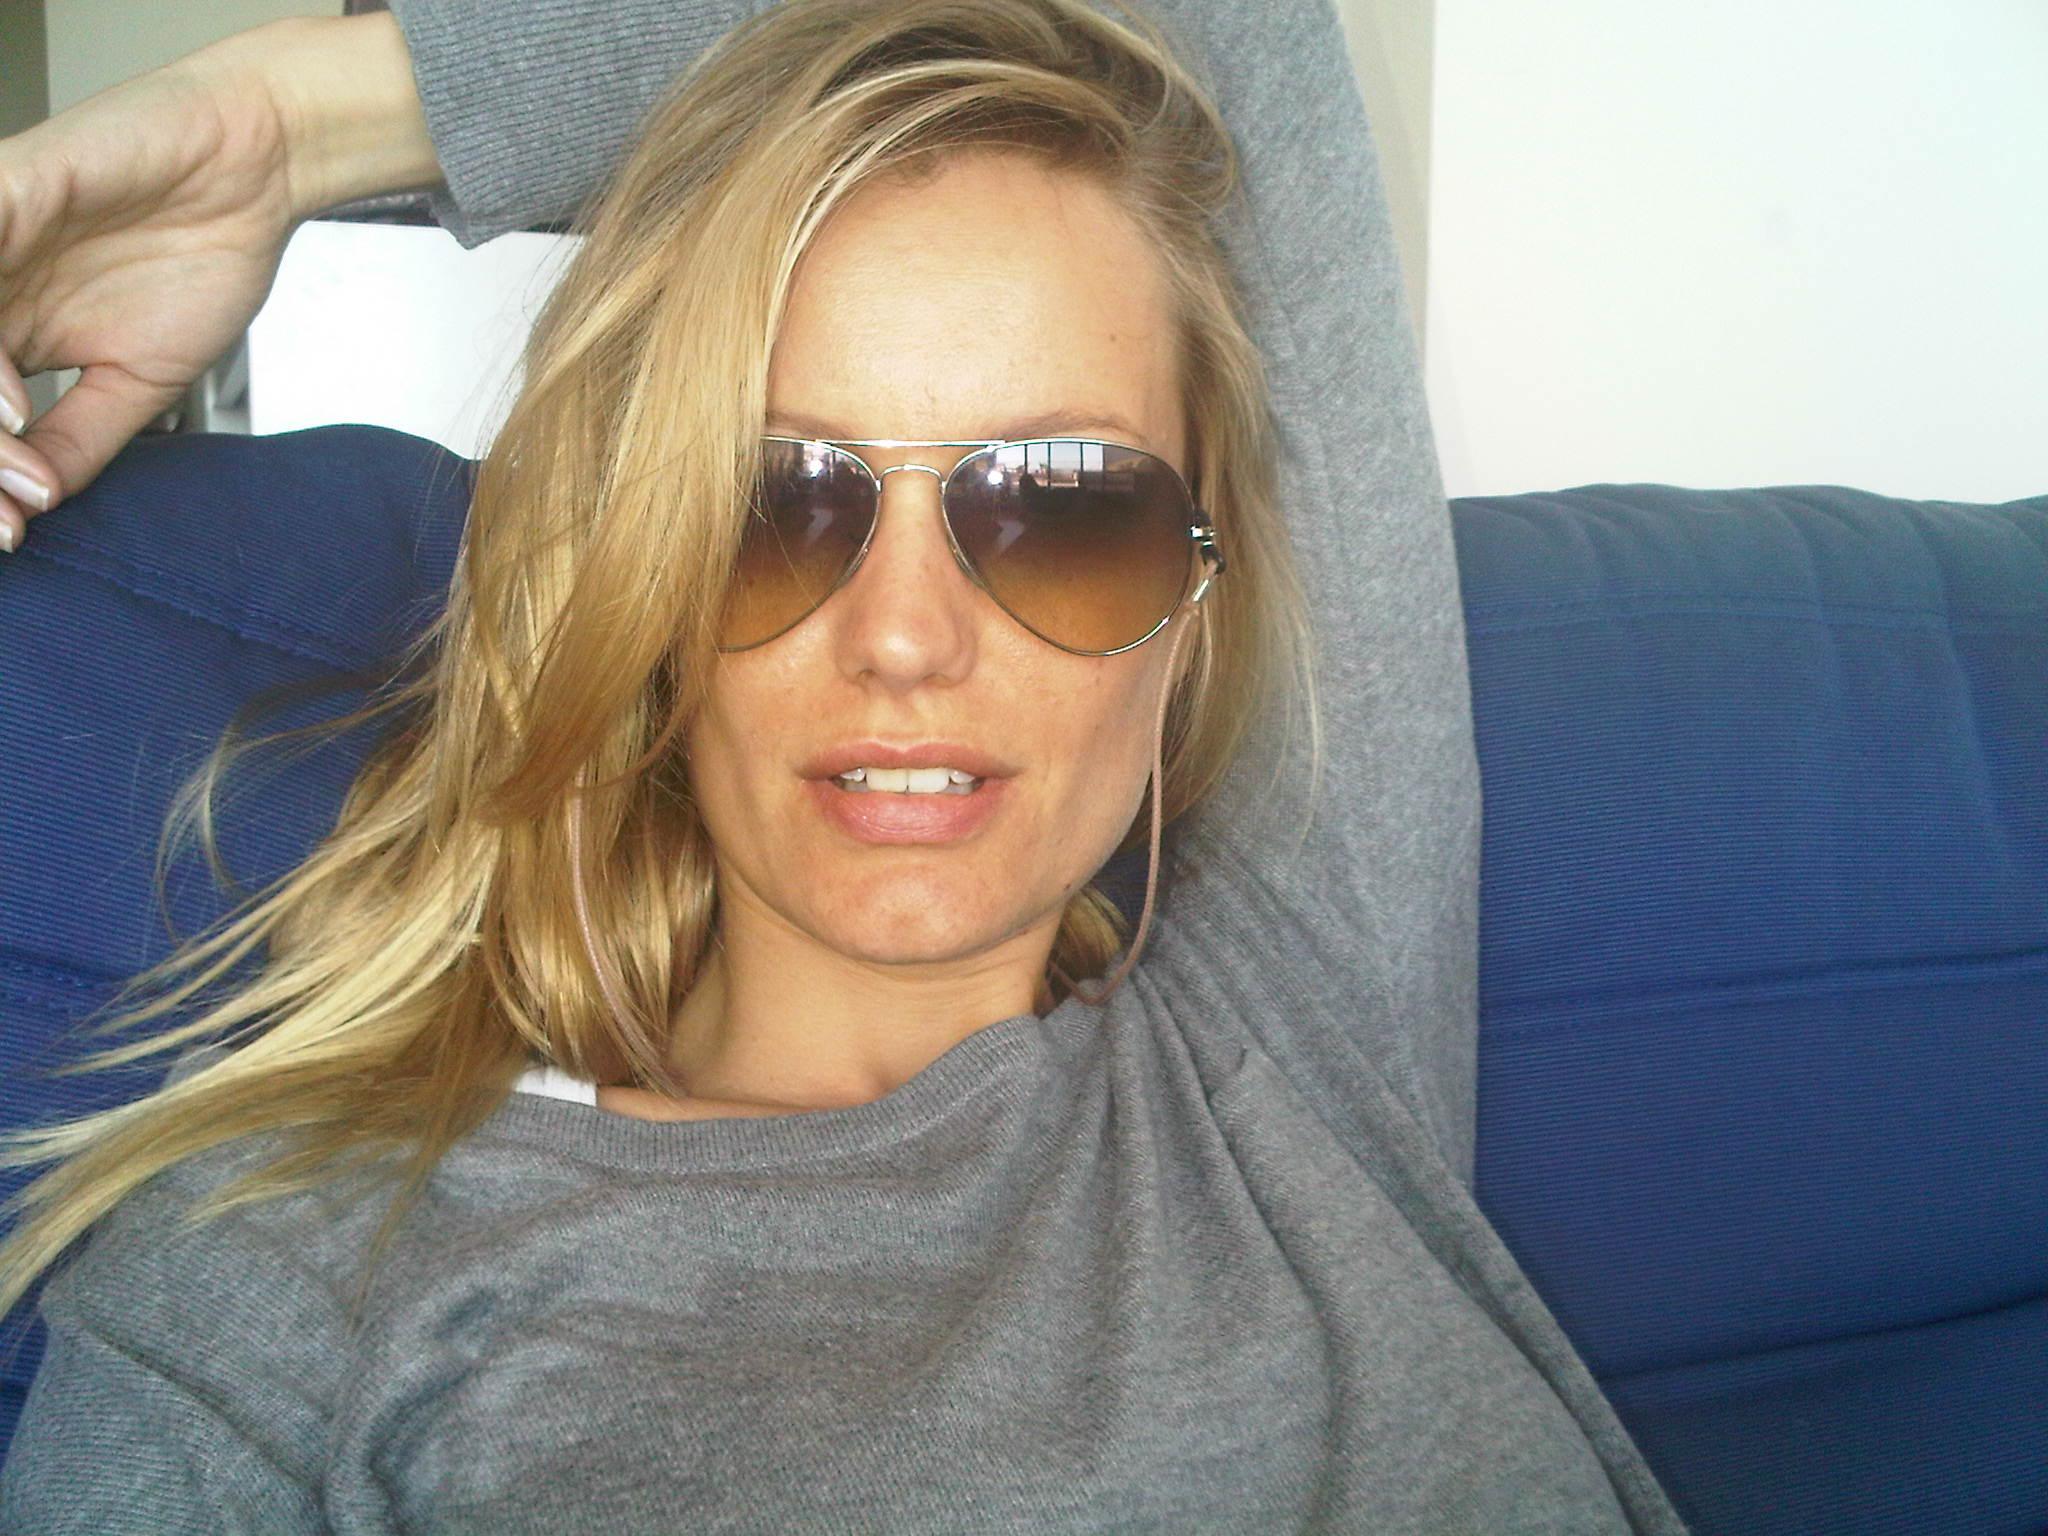 Monica zanchi new photo